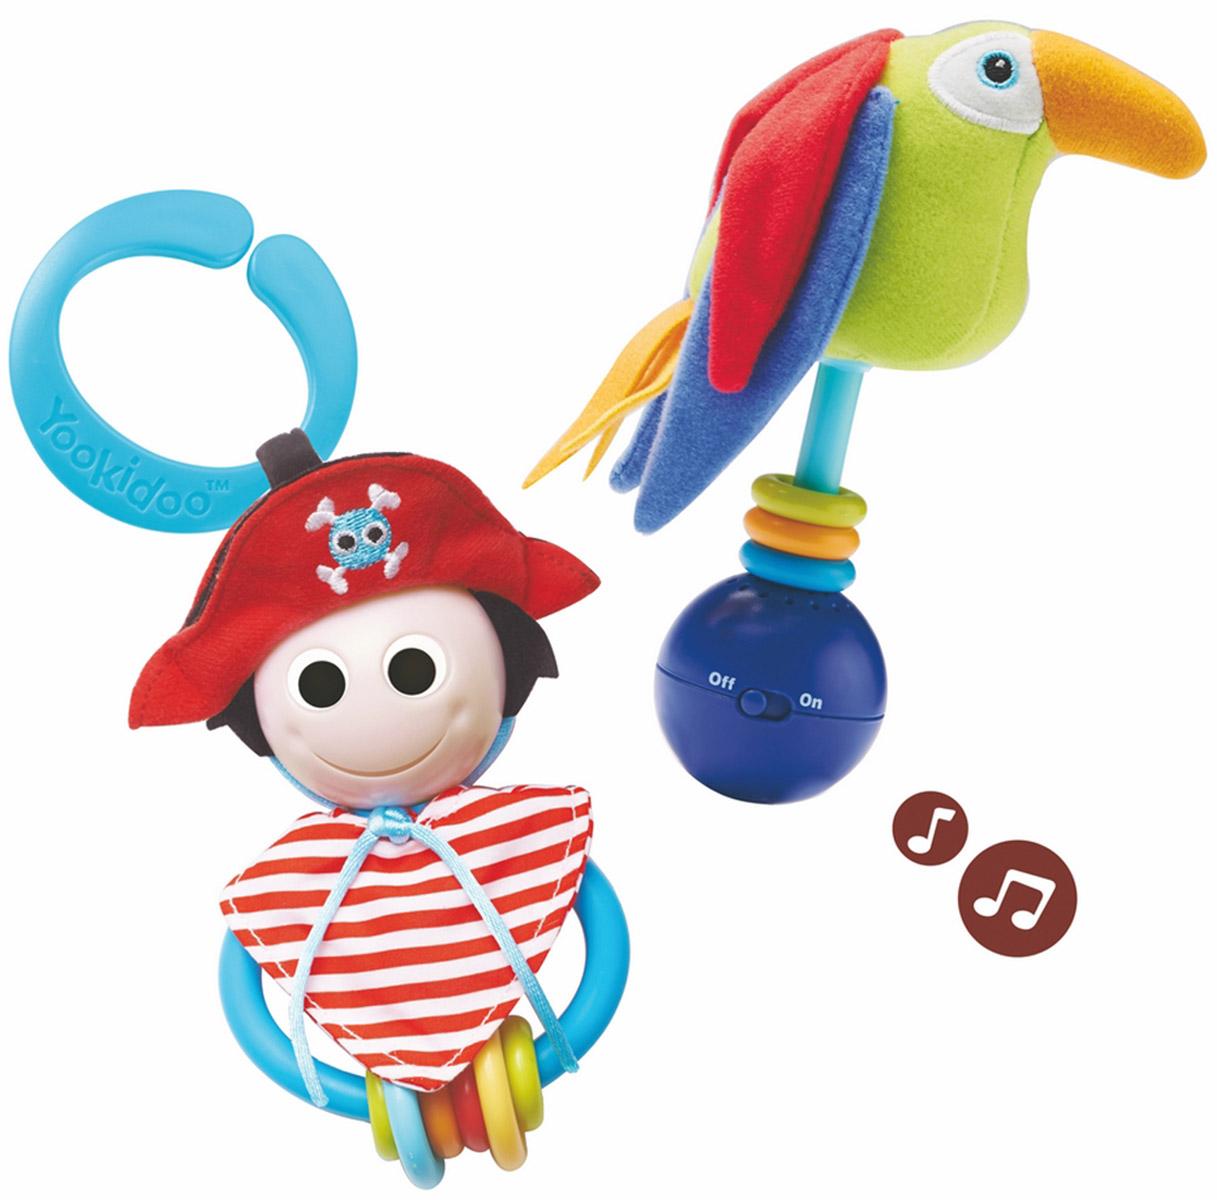 Yookidoo Игровой набор Веселый пират40118Игровой набор Веселый пират, непременно, привлечет внимание вашего ребенка. Набор включает пирата, выполненного в виде погремушки с веселым личиком и шестью разноцветными колечками, и его музыкального друга попугая с шуршащими крыльями и тремя колечками. Попугай издает веселый свист, а при встряхивании или ударе его о поверхность, раздается приятная музыка. Также в набор входит пластиковое колечко, с помощью которого игрушки можно повесить над кроваткой или коляской. Набор способствует развитию звукового и слухового восприятия и мелкой моторики рук. Малыш с удовольствием будет играть в этот веселый набор! Характеристики: Материал: пластик, текстиль. Высота попугая: 12,5 см. Размер ковбоя: 8 см x 12,5 см x 5 см. Рекомендуемый возраст: от 0 месяцев. Размер упаковки: 19,5 см x 21 см x 8 см. Необходимо докупить 3 батареи мощностью 1,5V типа LR44 (не входят в комплект).